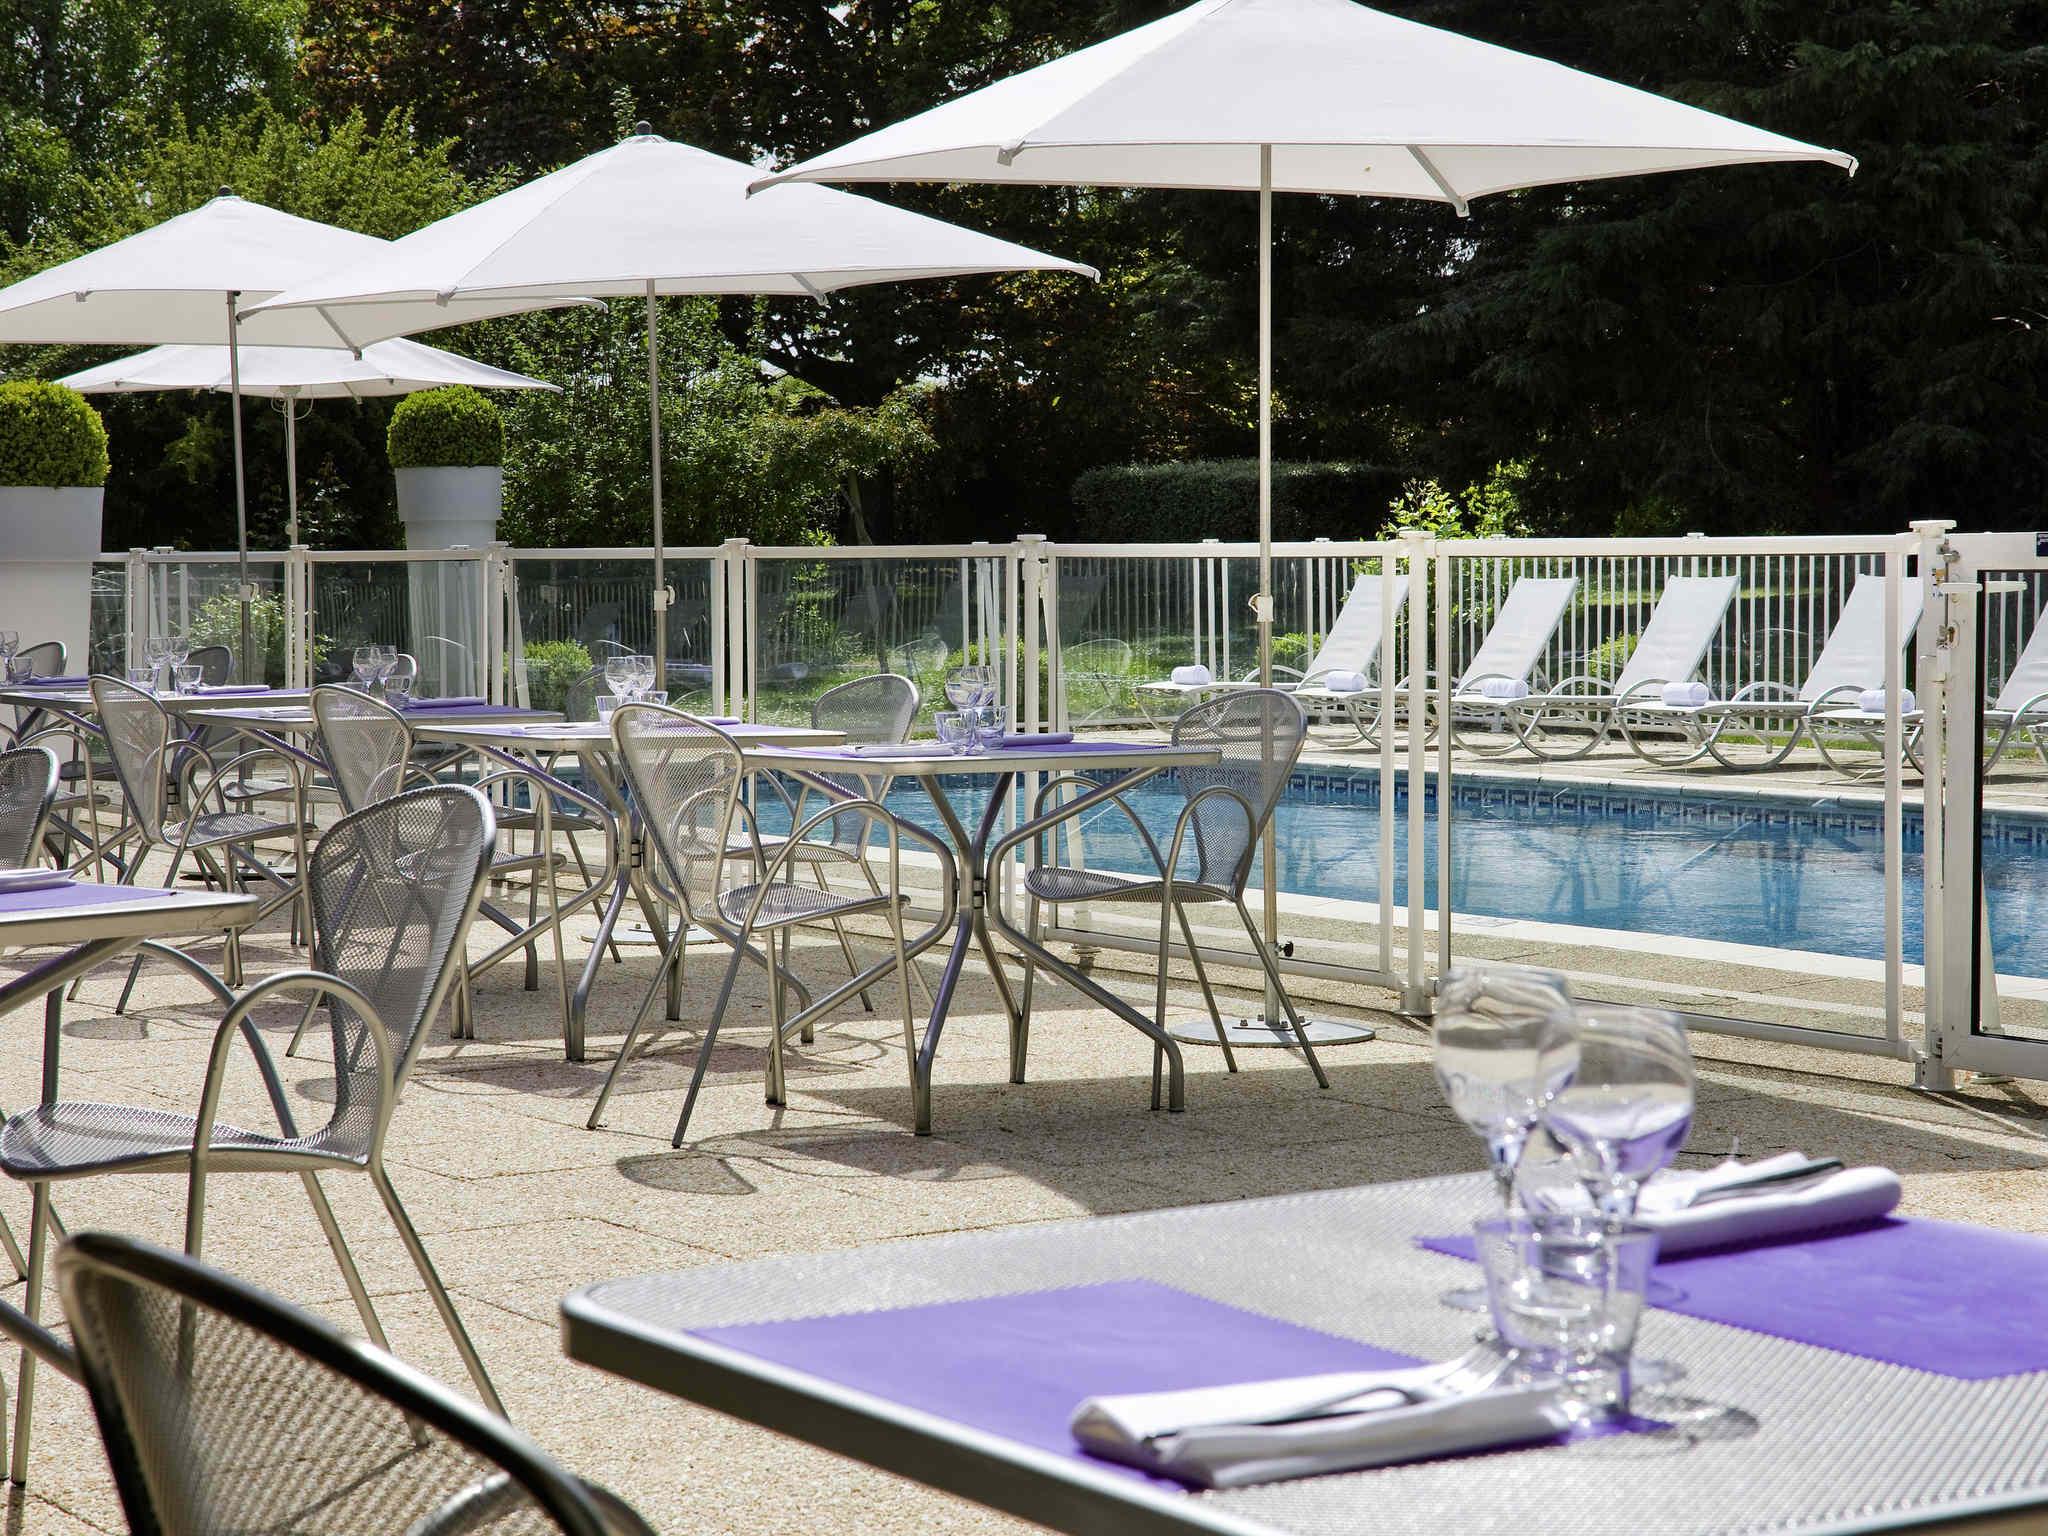 Hôtel - Novotel Marne-la-Vallée Noisy-le-Grand